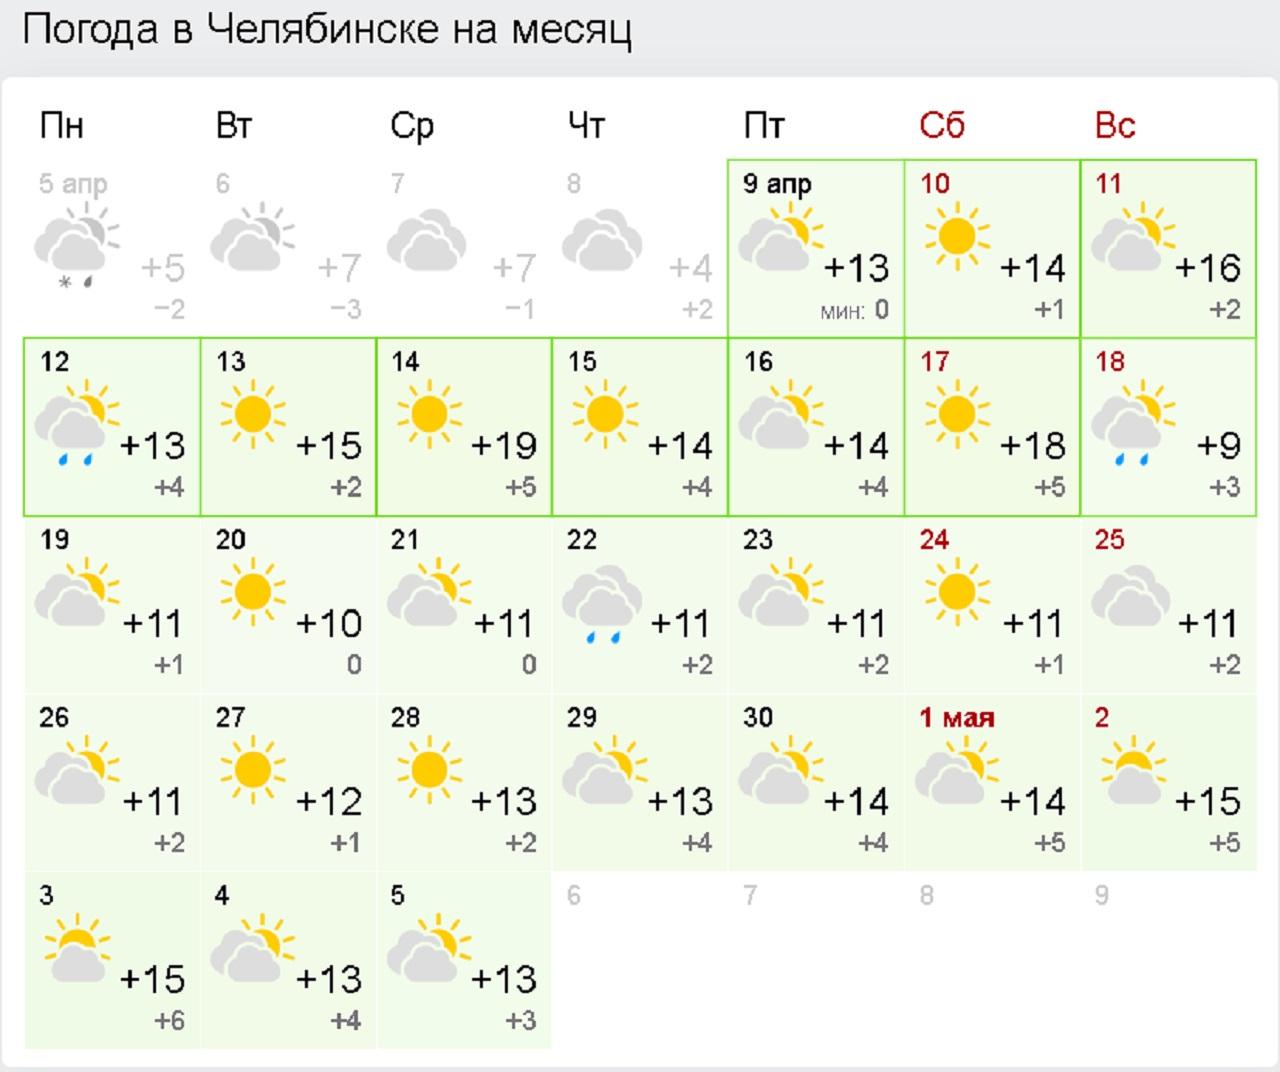 Погода в Челябинске: синоптики предупреждают о новых аномалиях